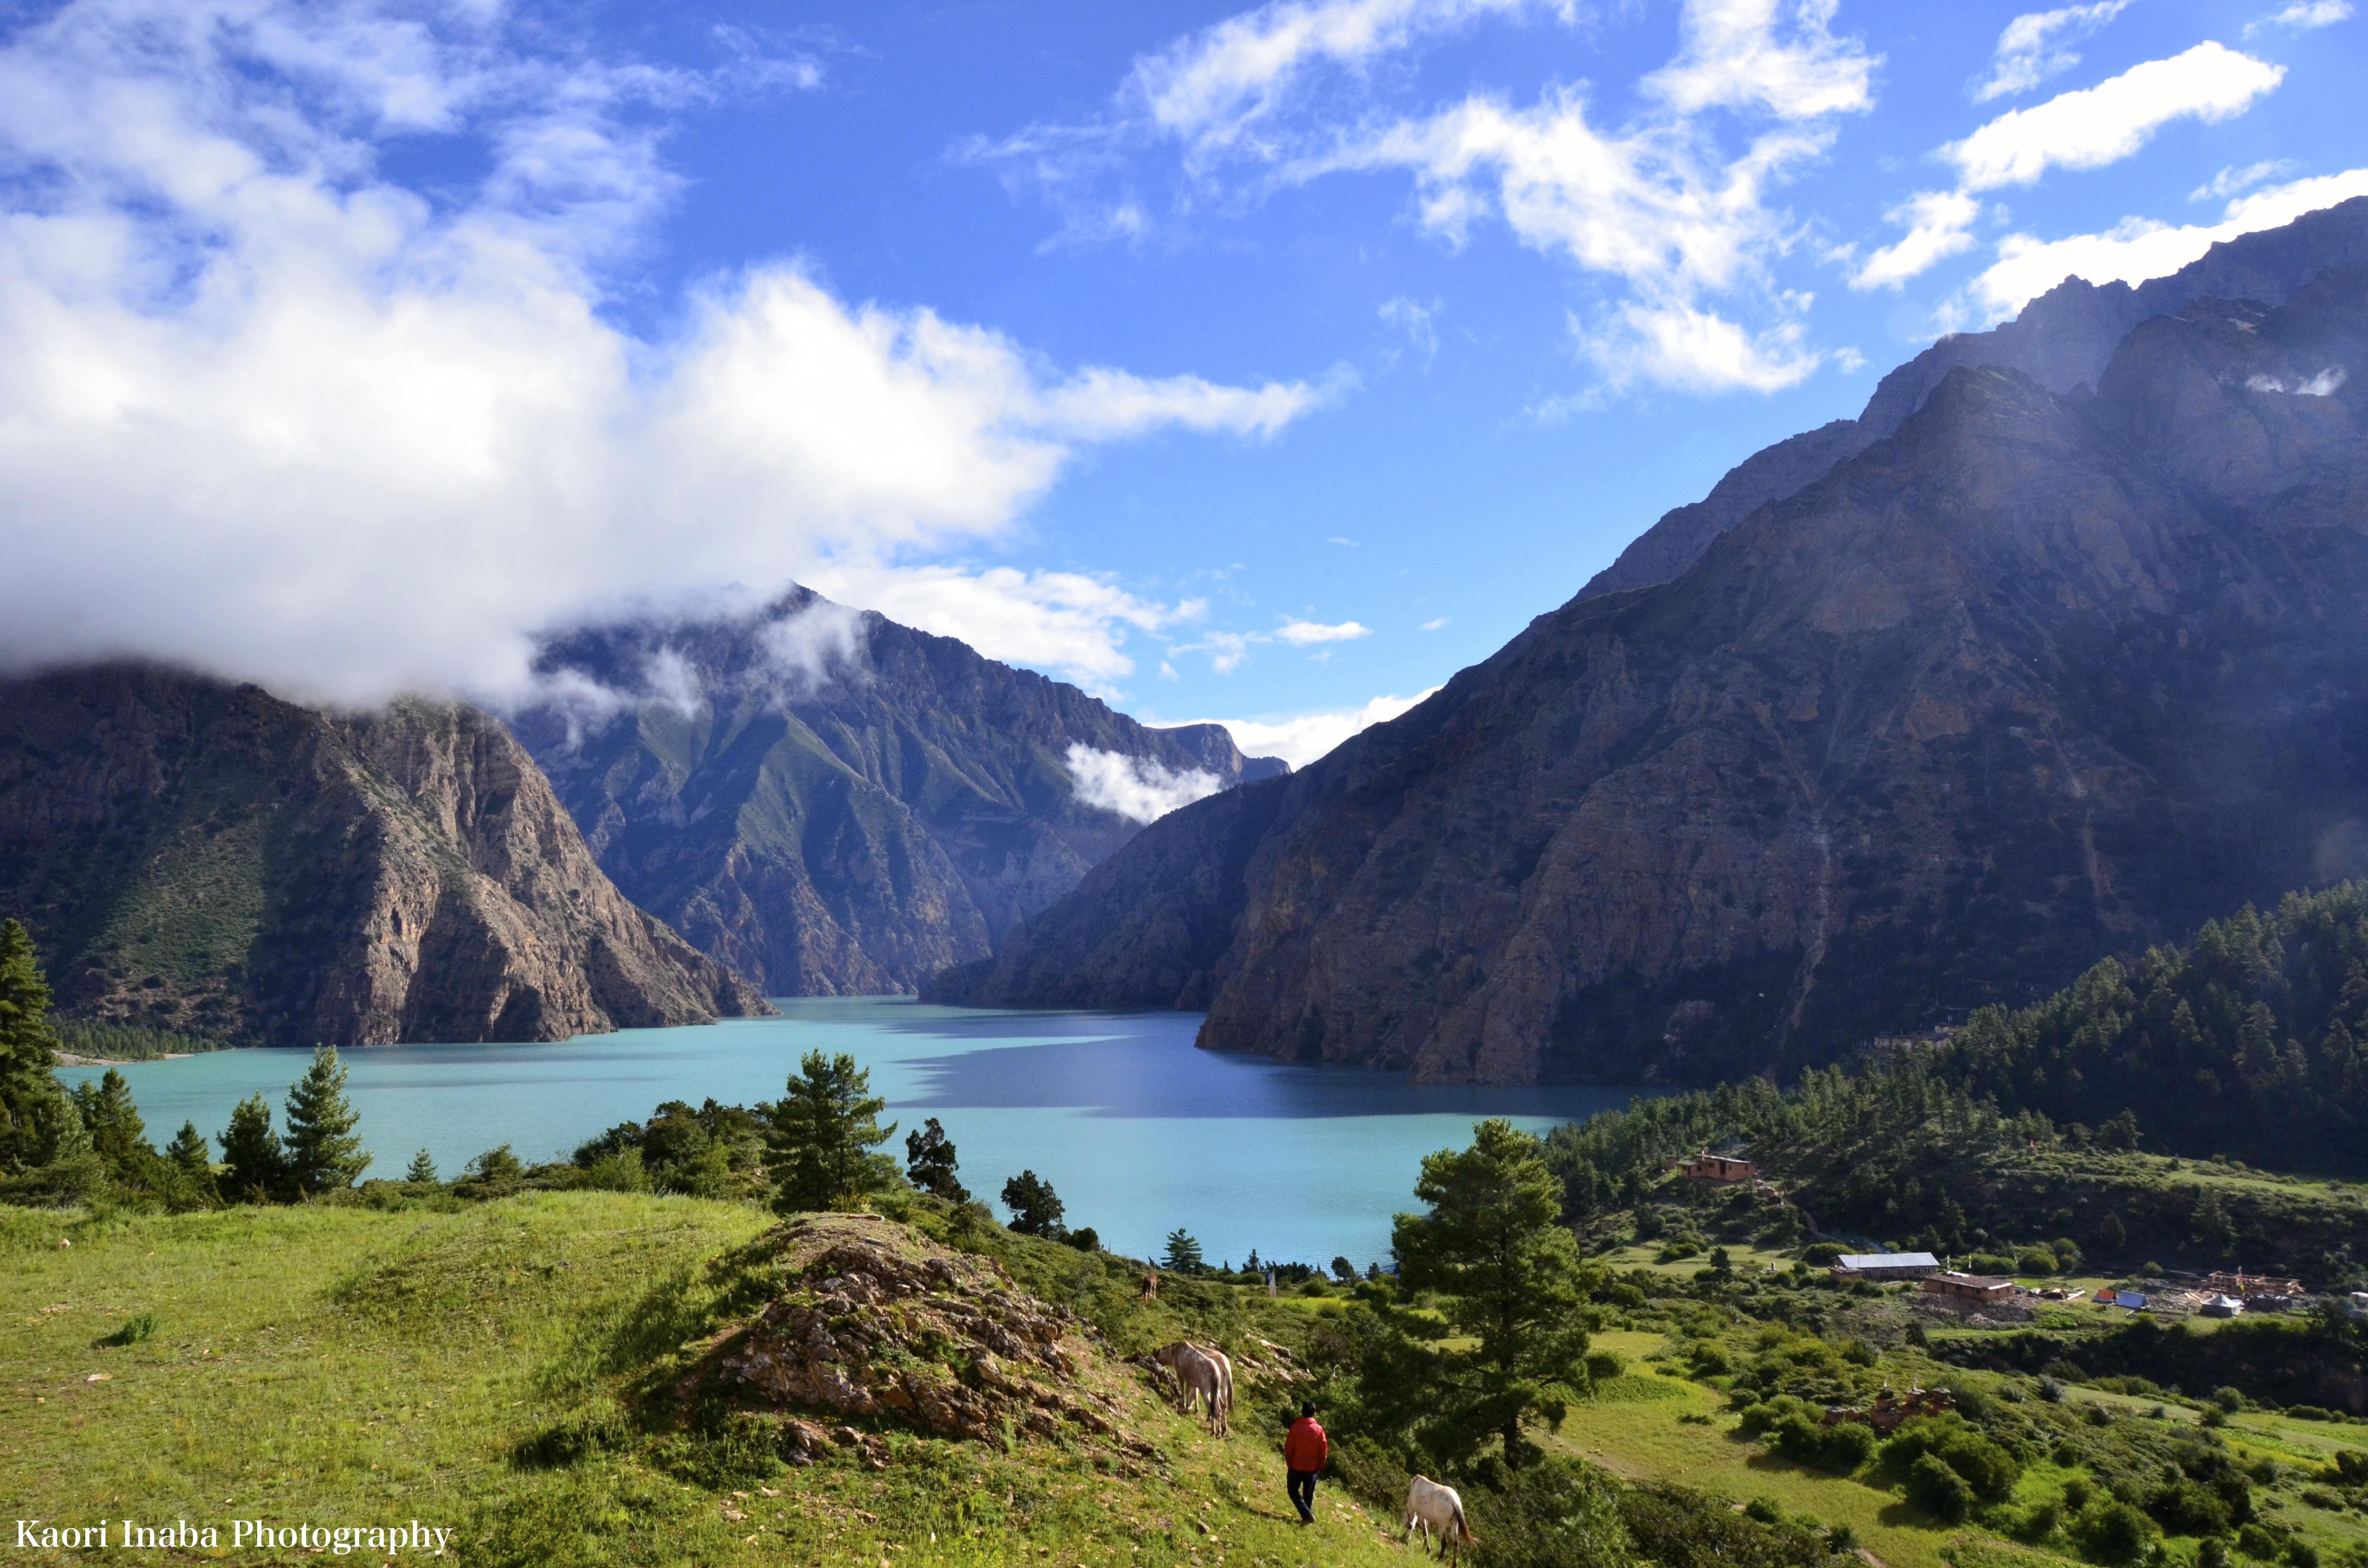 ネパールで一番深い湖 ポクスンド湖